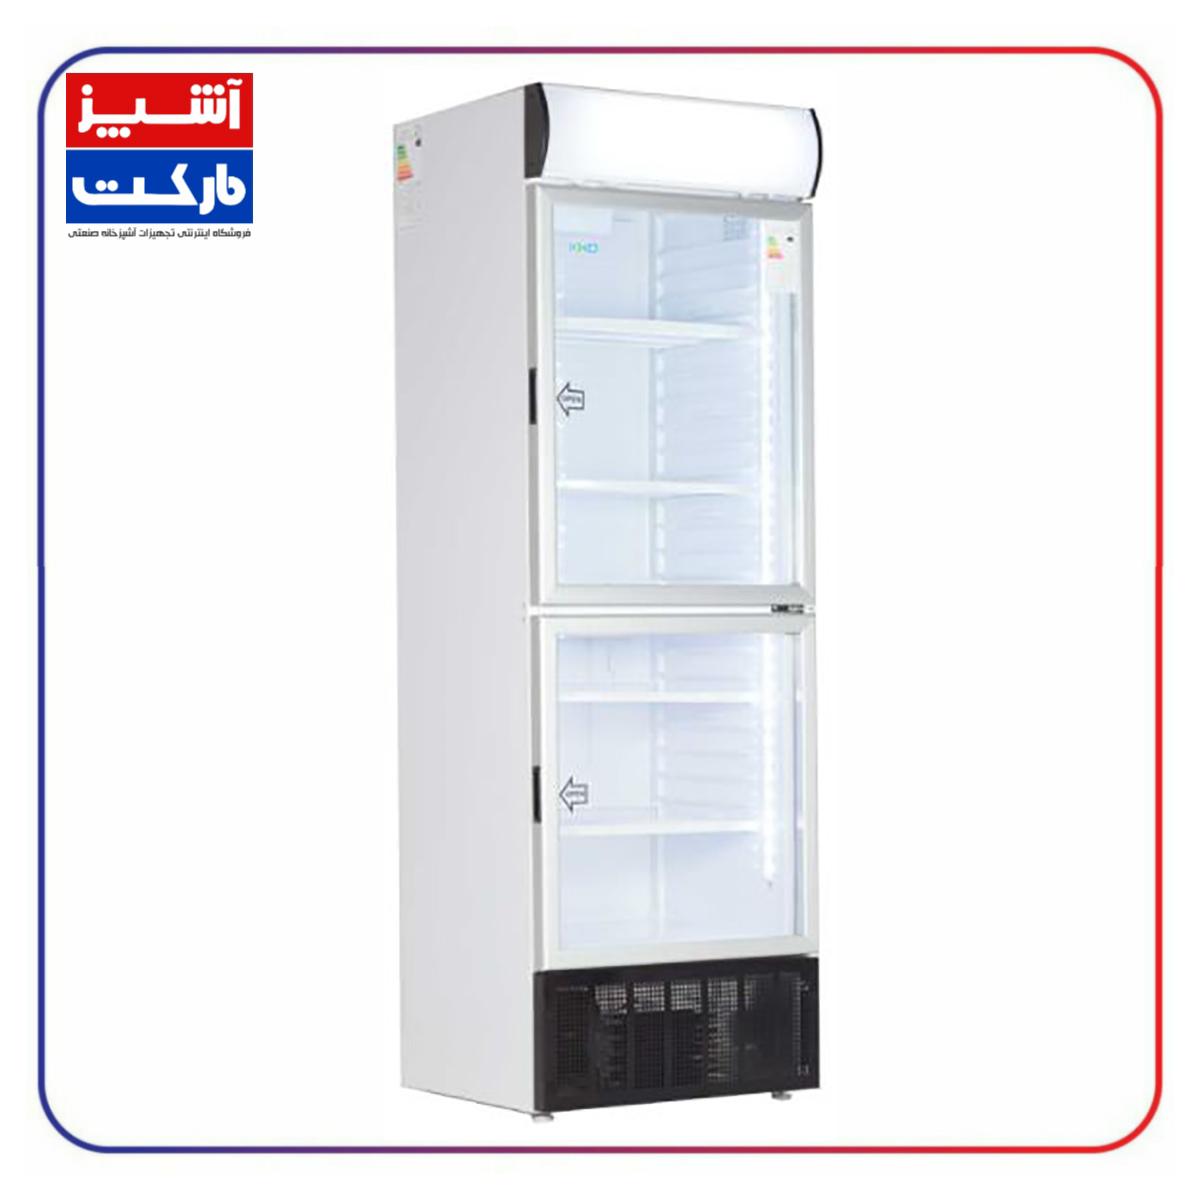 یخچال فروشگاهی کینو 70 سانت KINO KR 680-2D